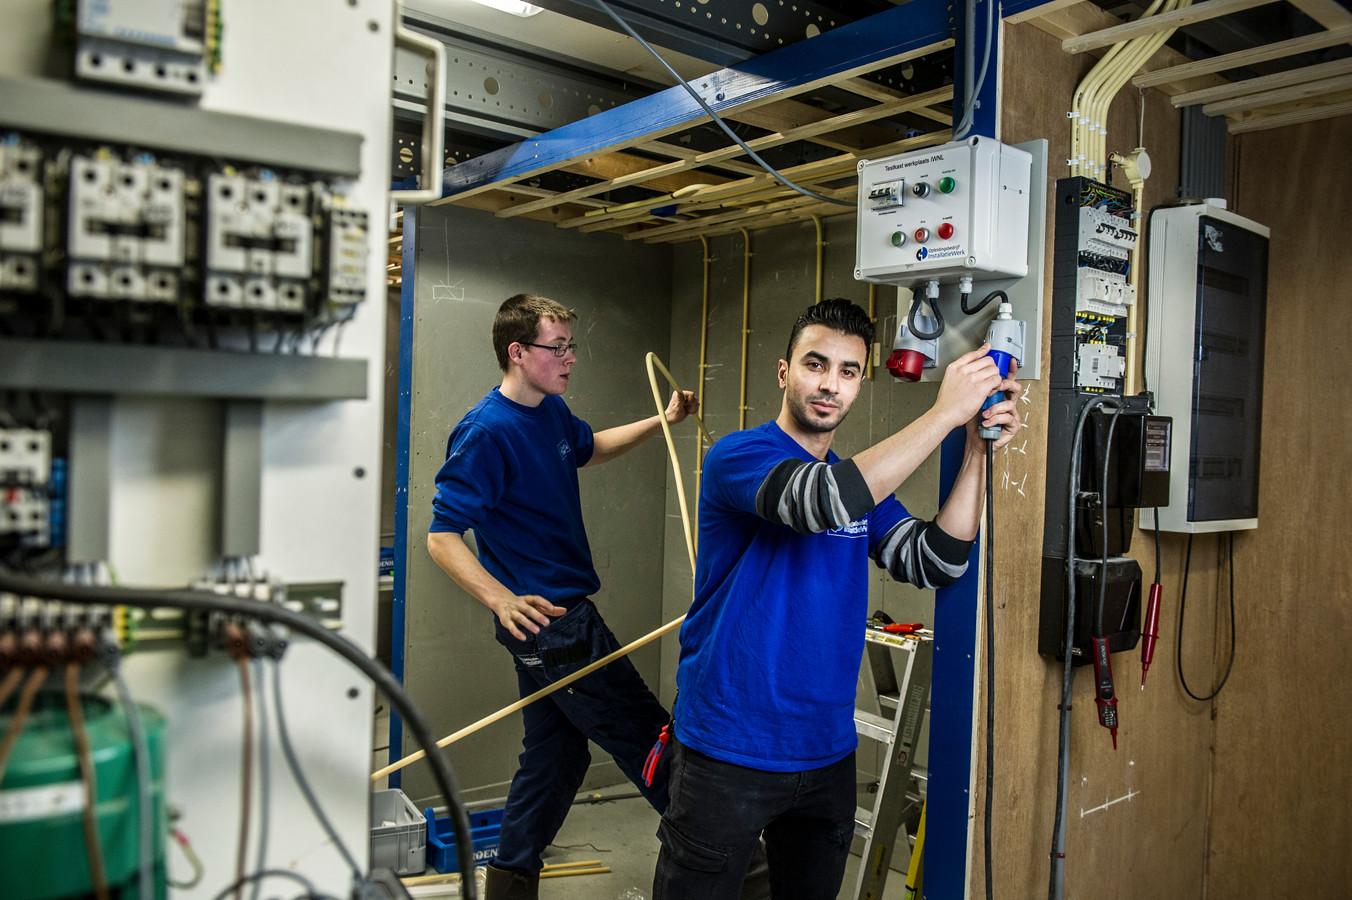 Machmoed Klall bij zijn leerwerkbedrijf. Foto Koen Verheijden.